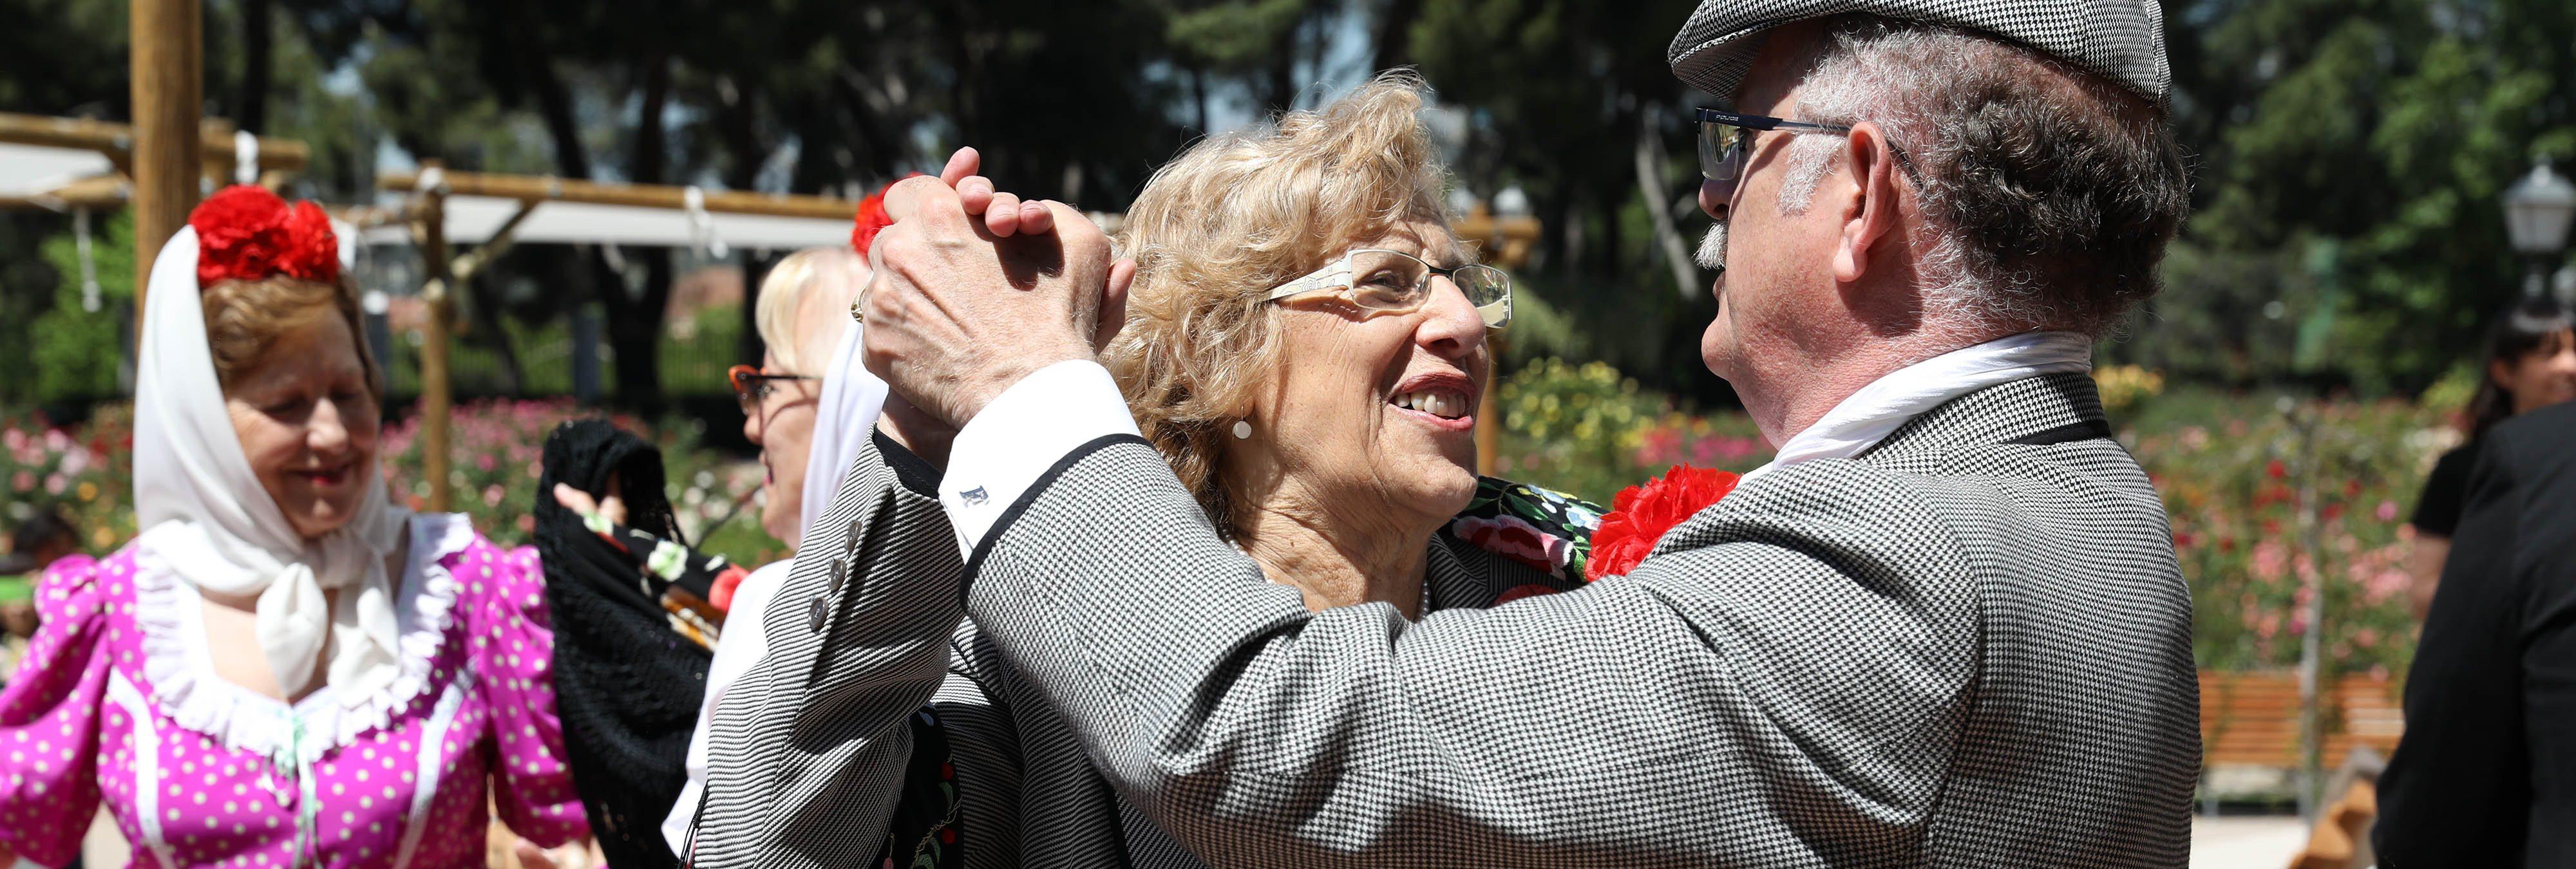 Carmena excluye a los toros de la programación de las fiestas de San Isidro